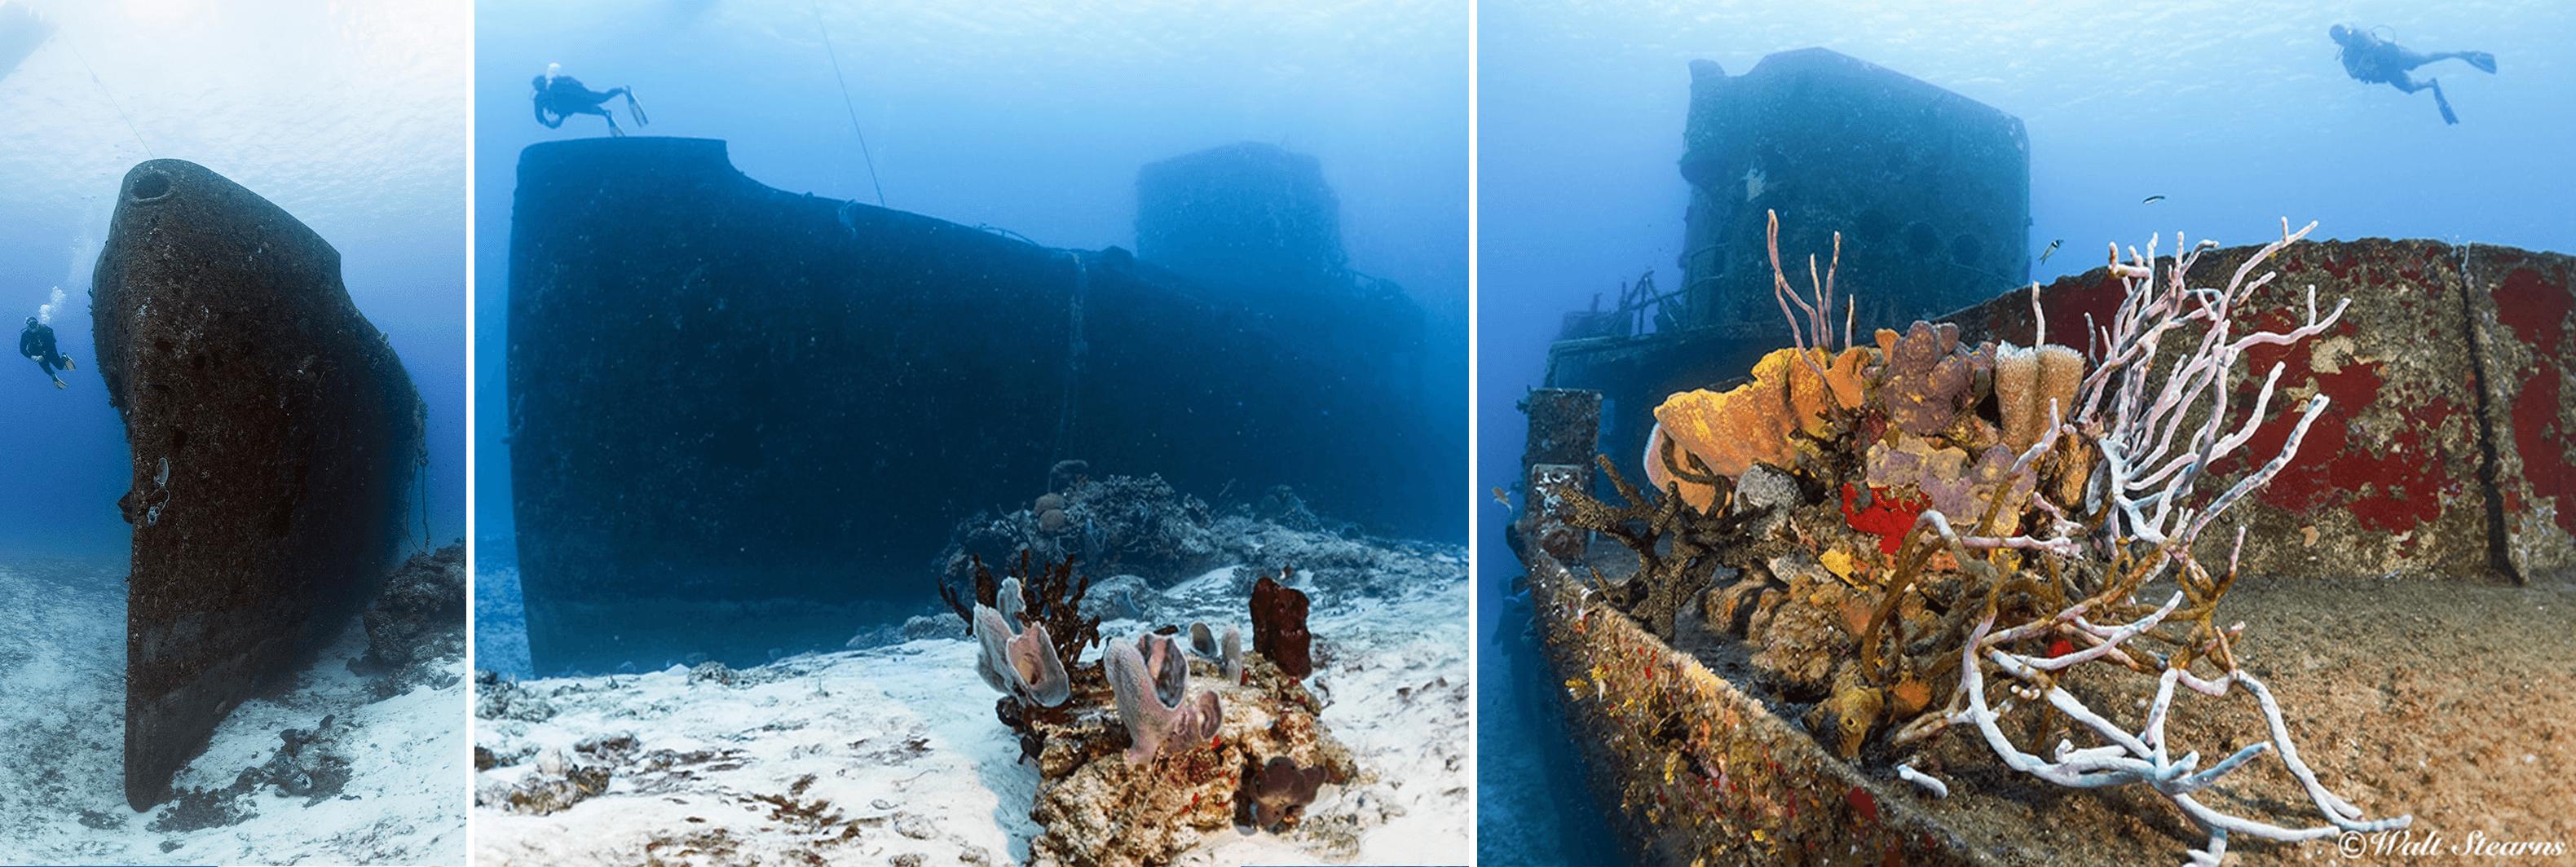 The Felipe Xicotencatl shipwreck is a favorite dive.